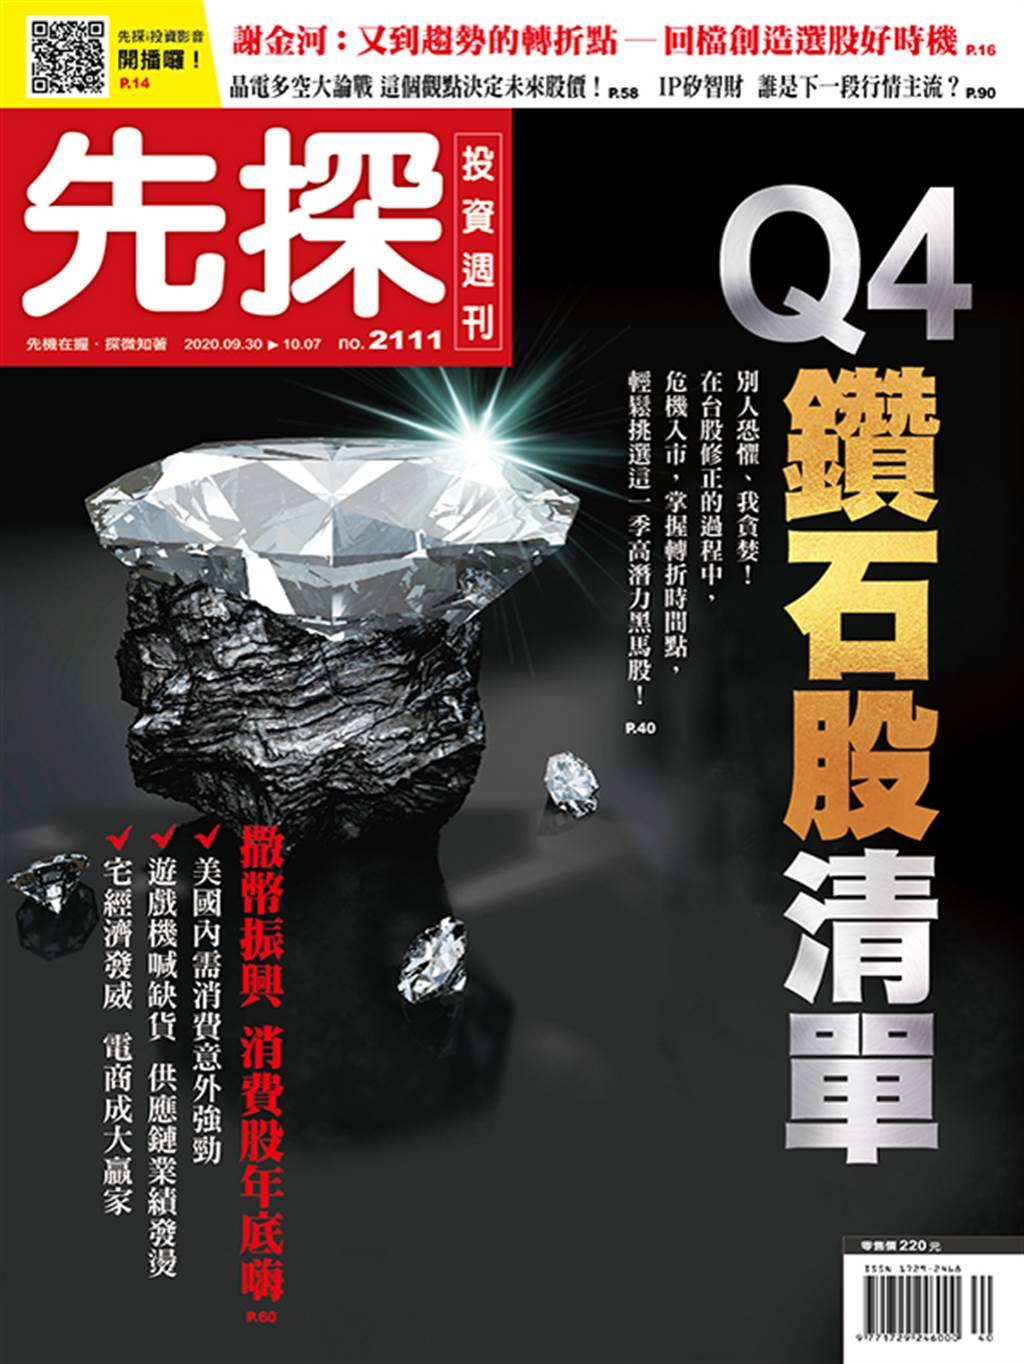 《先探投資週刊2111期》